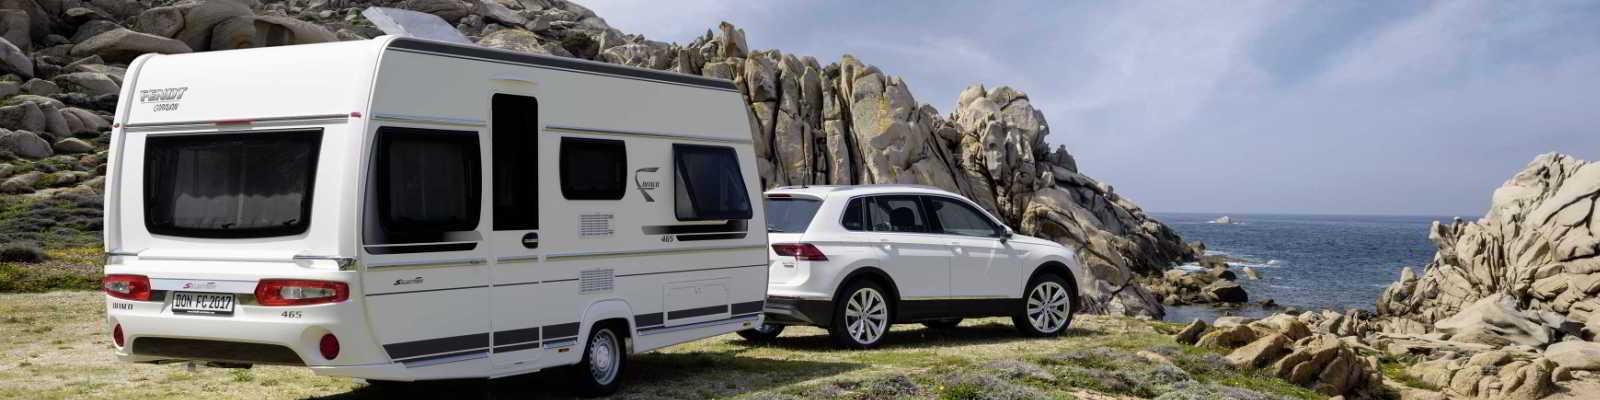 gebrauchte wohnwagen fendt hobby wohnwagen camping campingmarkt campingzubeh r wohnwagenh ndler. Black Bedroom Furniture Sets. Home Design Ideas